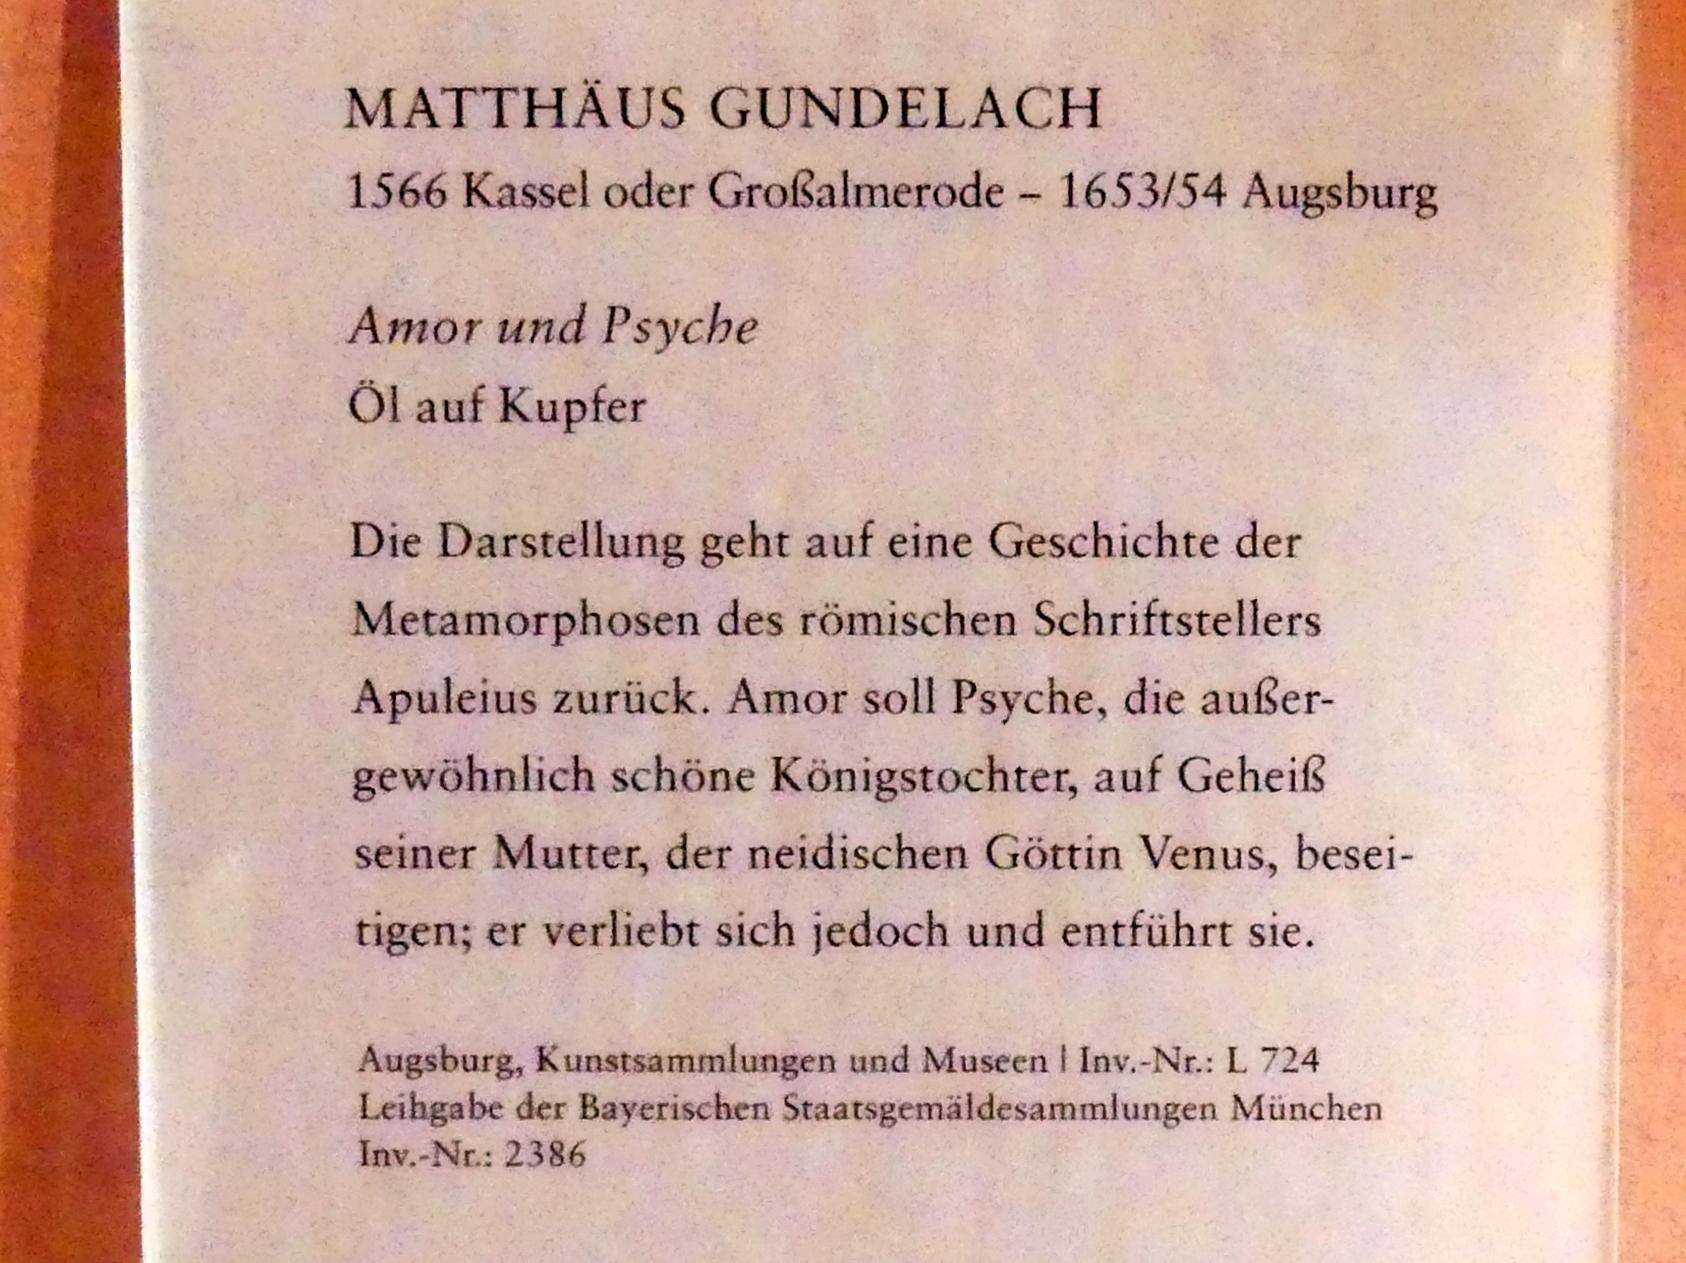 Matthäus Gundelach: Amor und Psyche, Undatiert